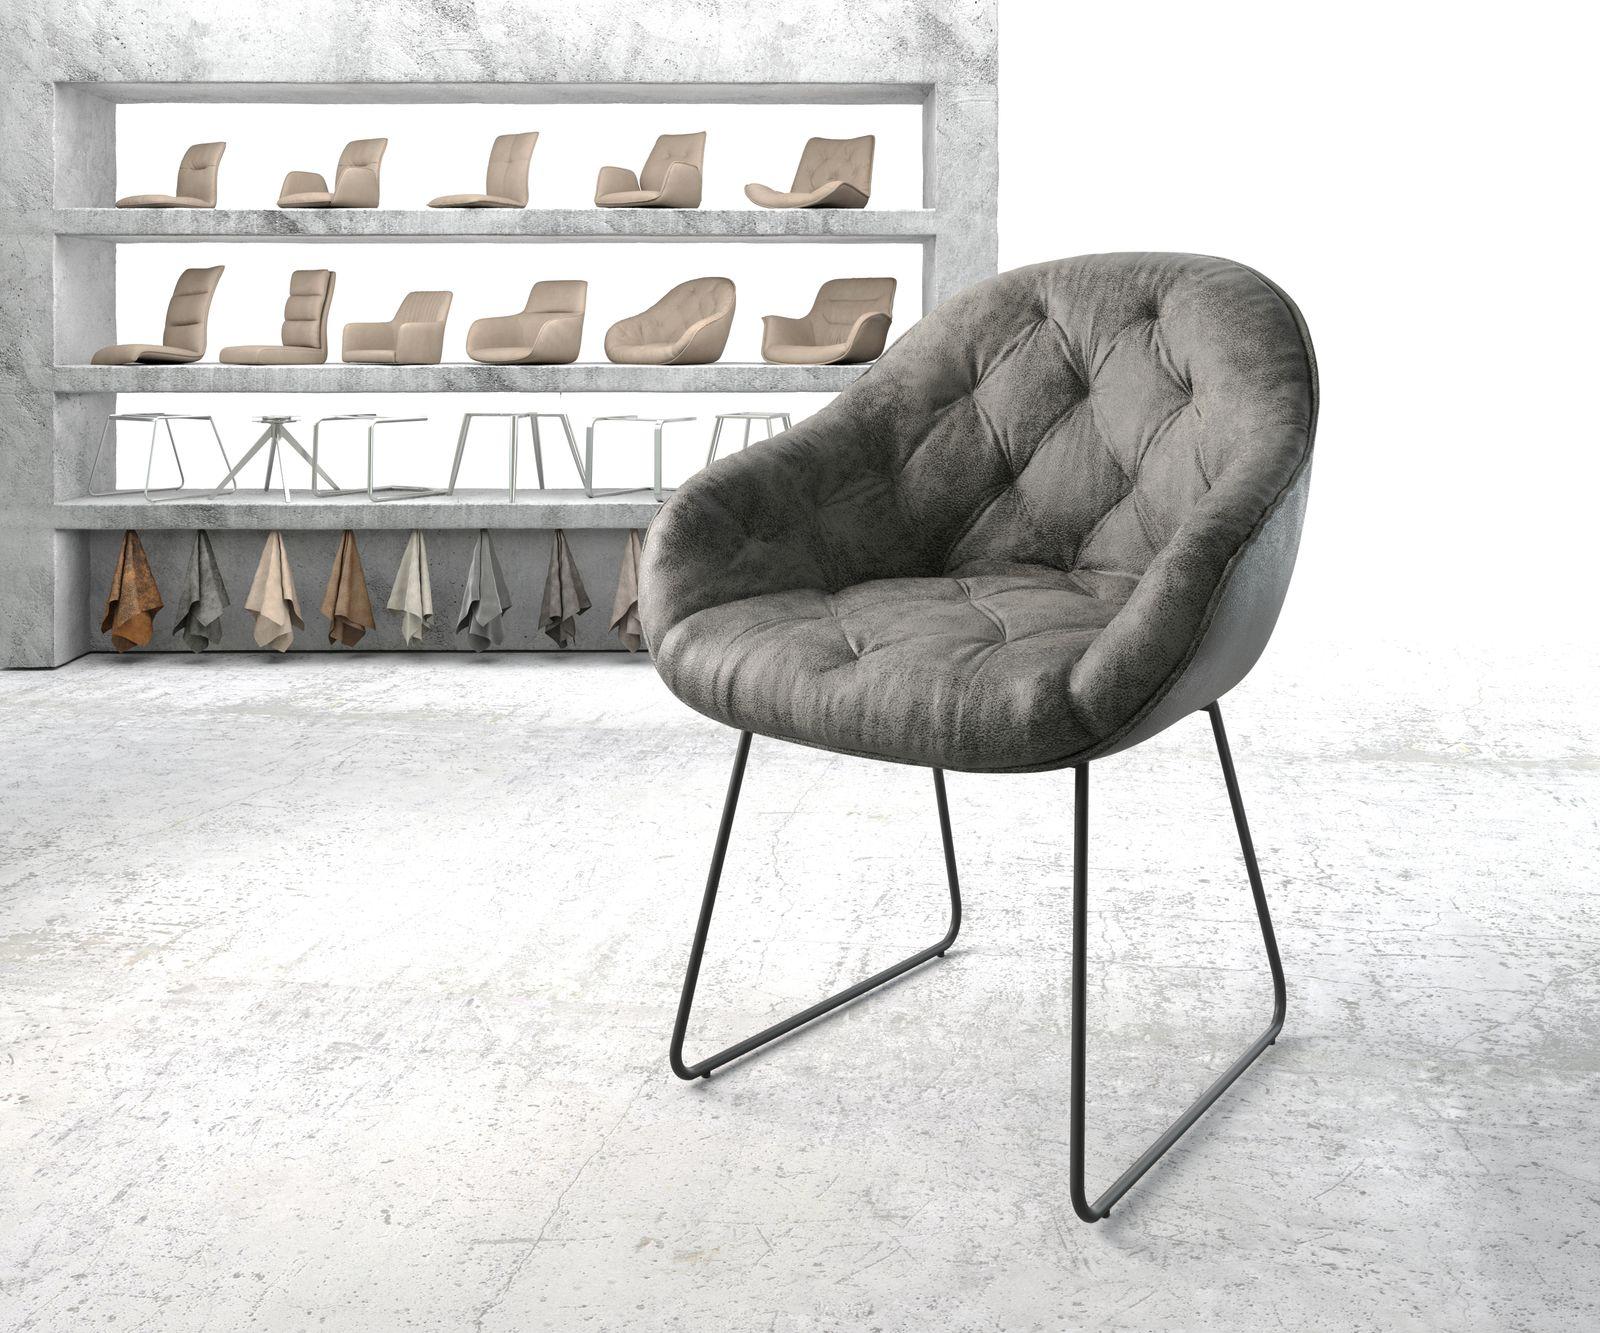 delife-armlehnstuhl-gaio-flex-grau-vintage-kufengestell-schwarz-esszimmerstuhle